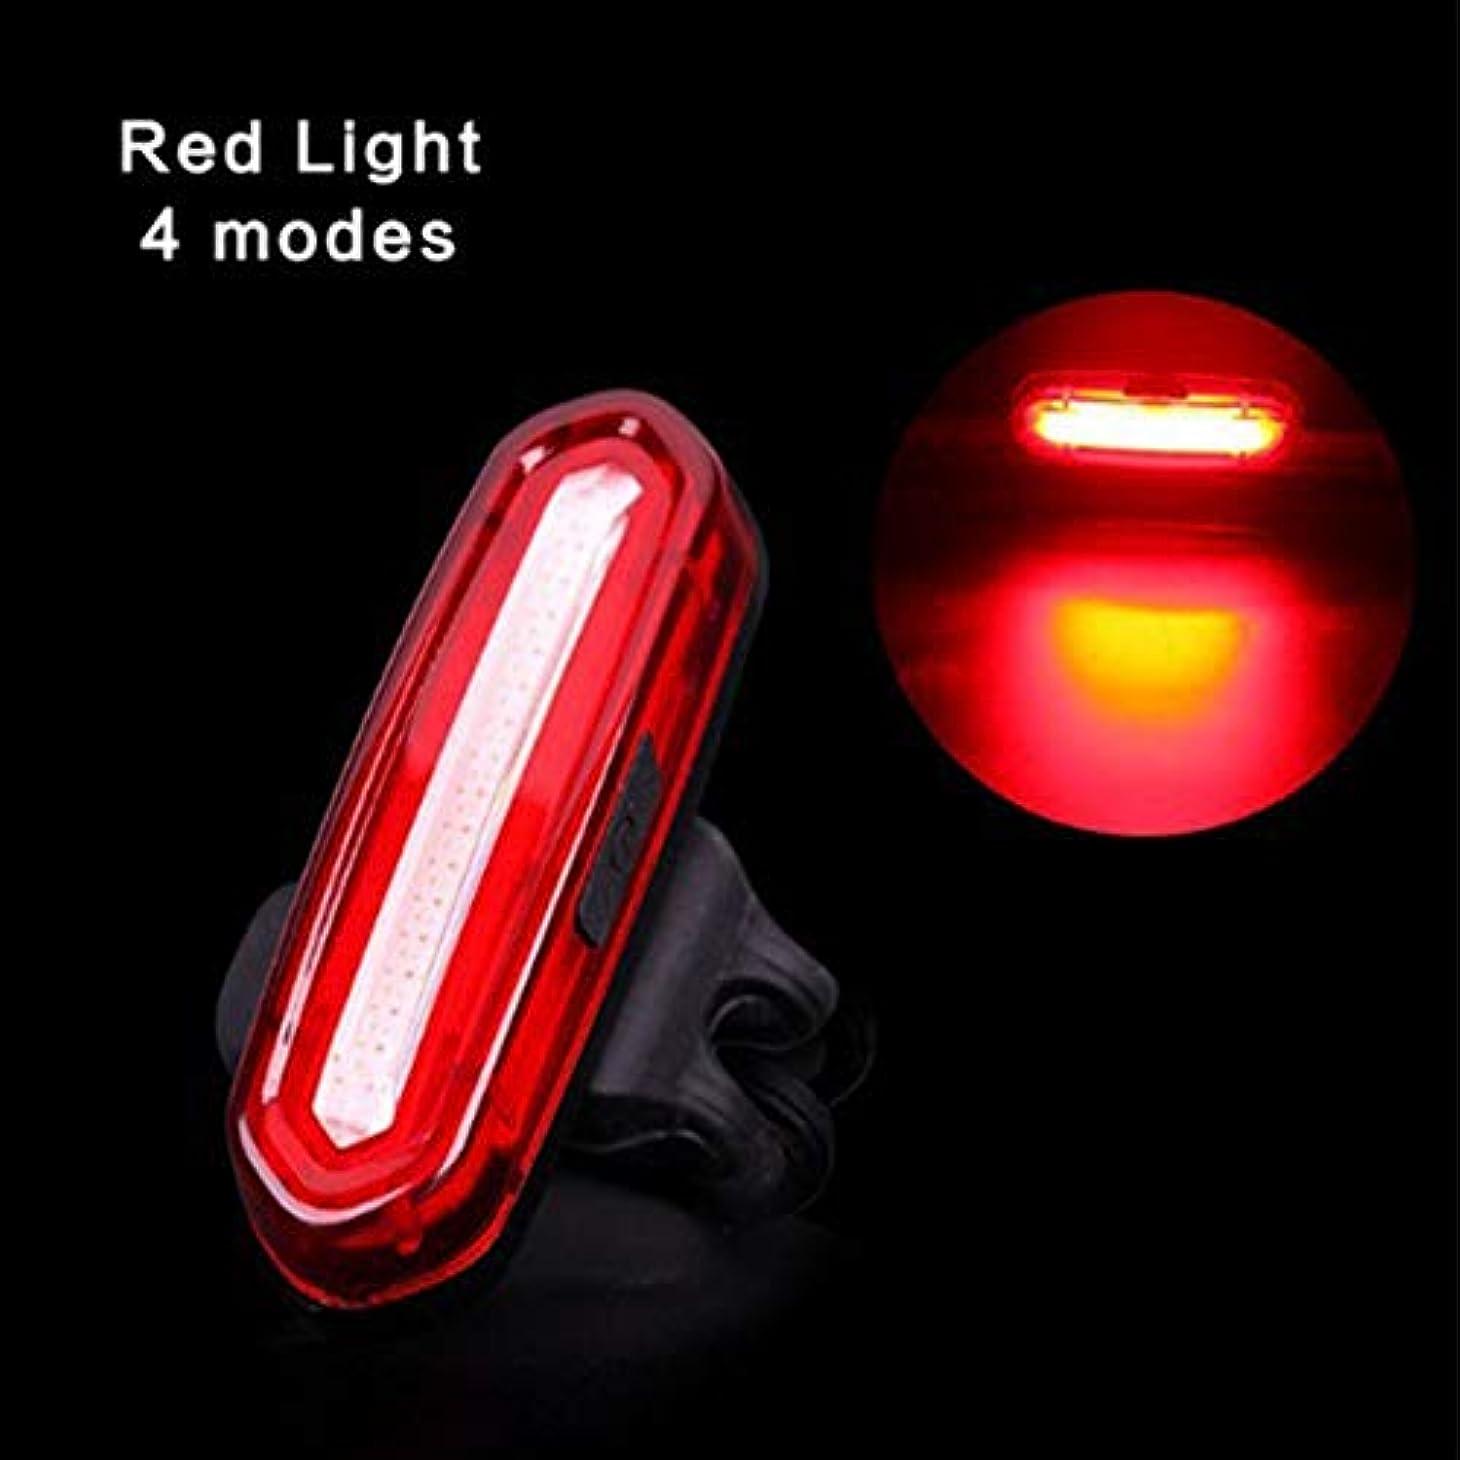 松予報分充電式自転車ライト 自転車テールライト、自転車ライトUSB充電式リア自転車ライトクイックリリースマウンテンバイクテールライトスーパーブライトLED自転車ライト - サイクリング安全のための防水赤いテールライト (Color : Red)